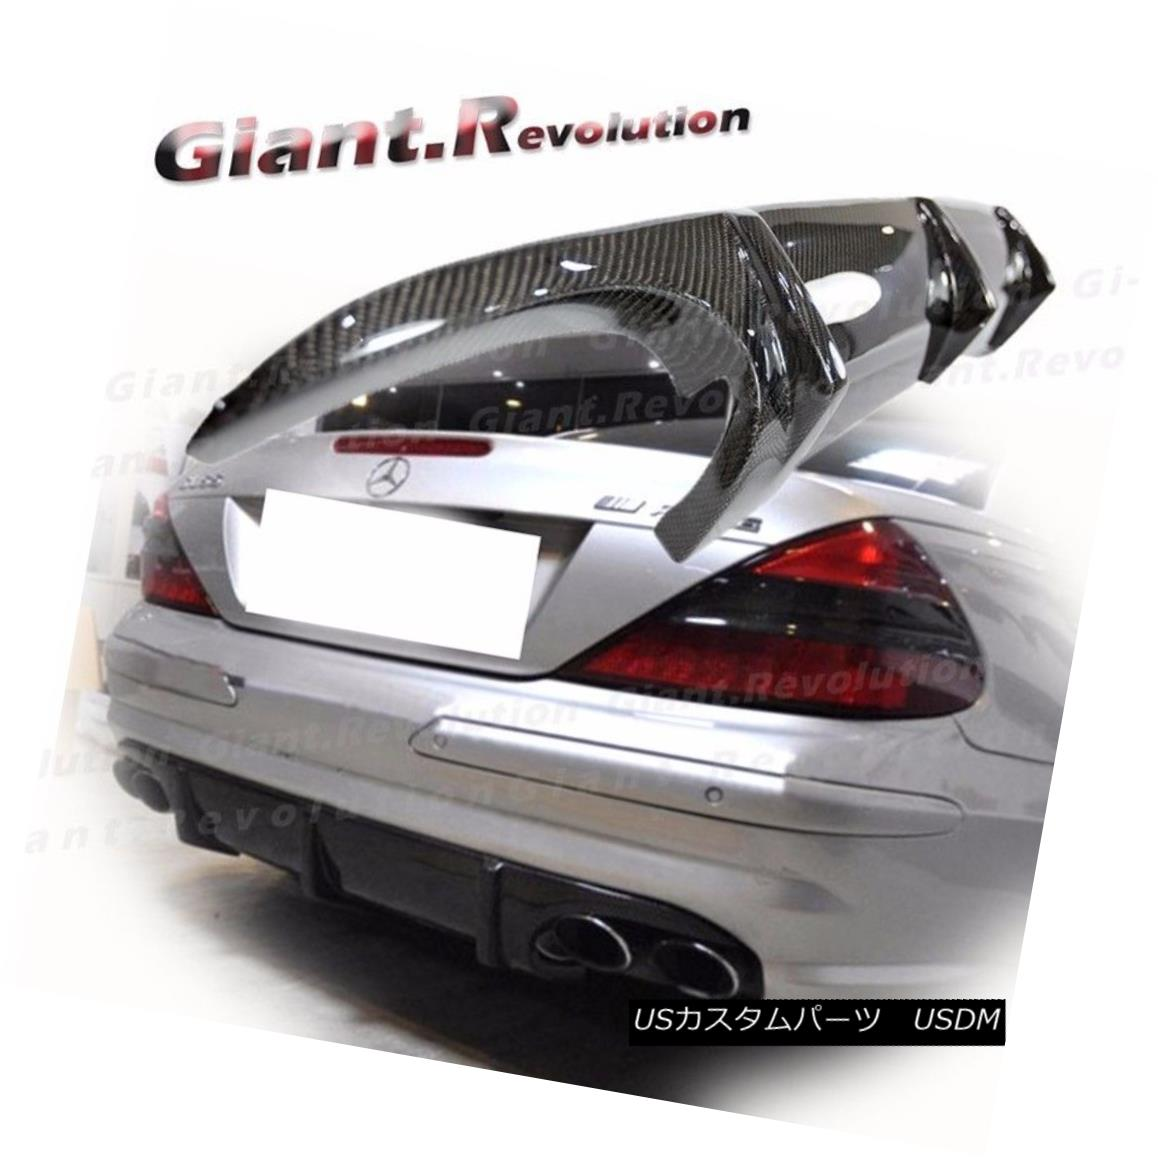 エアロパーツ Carbon Fiber Bumper Diffuser Fit 03-08 M BENZ R230 SL55AMG Convertible Body Kit カーボンファイバーバンパーディフューザーフィット03-08 M BENZ R230 SL55AMGコンバーチブルボディキット